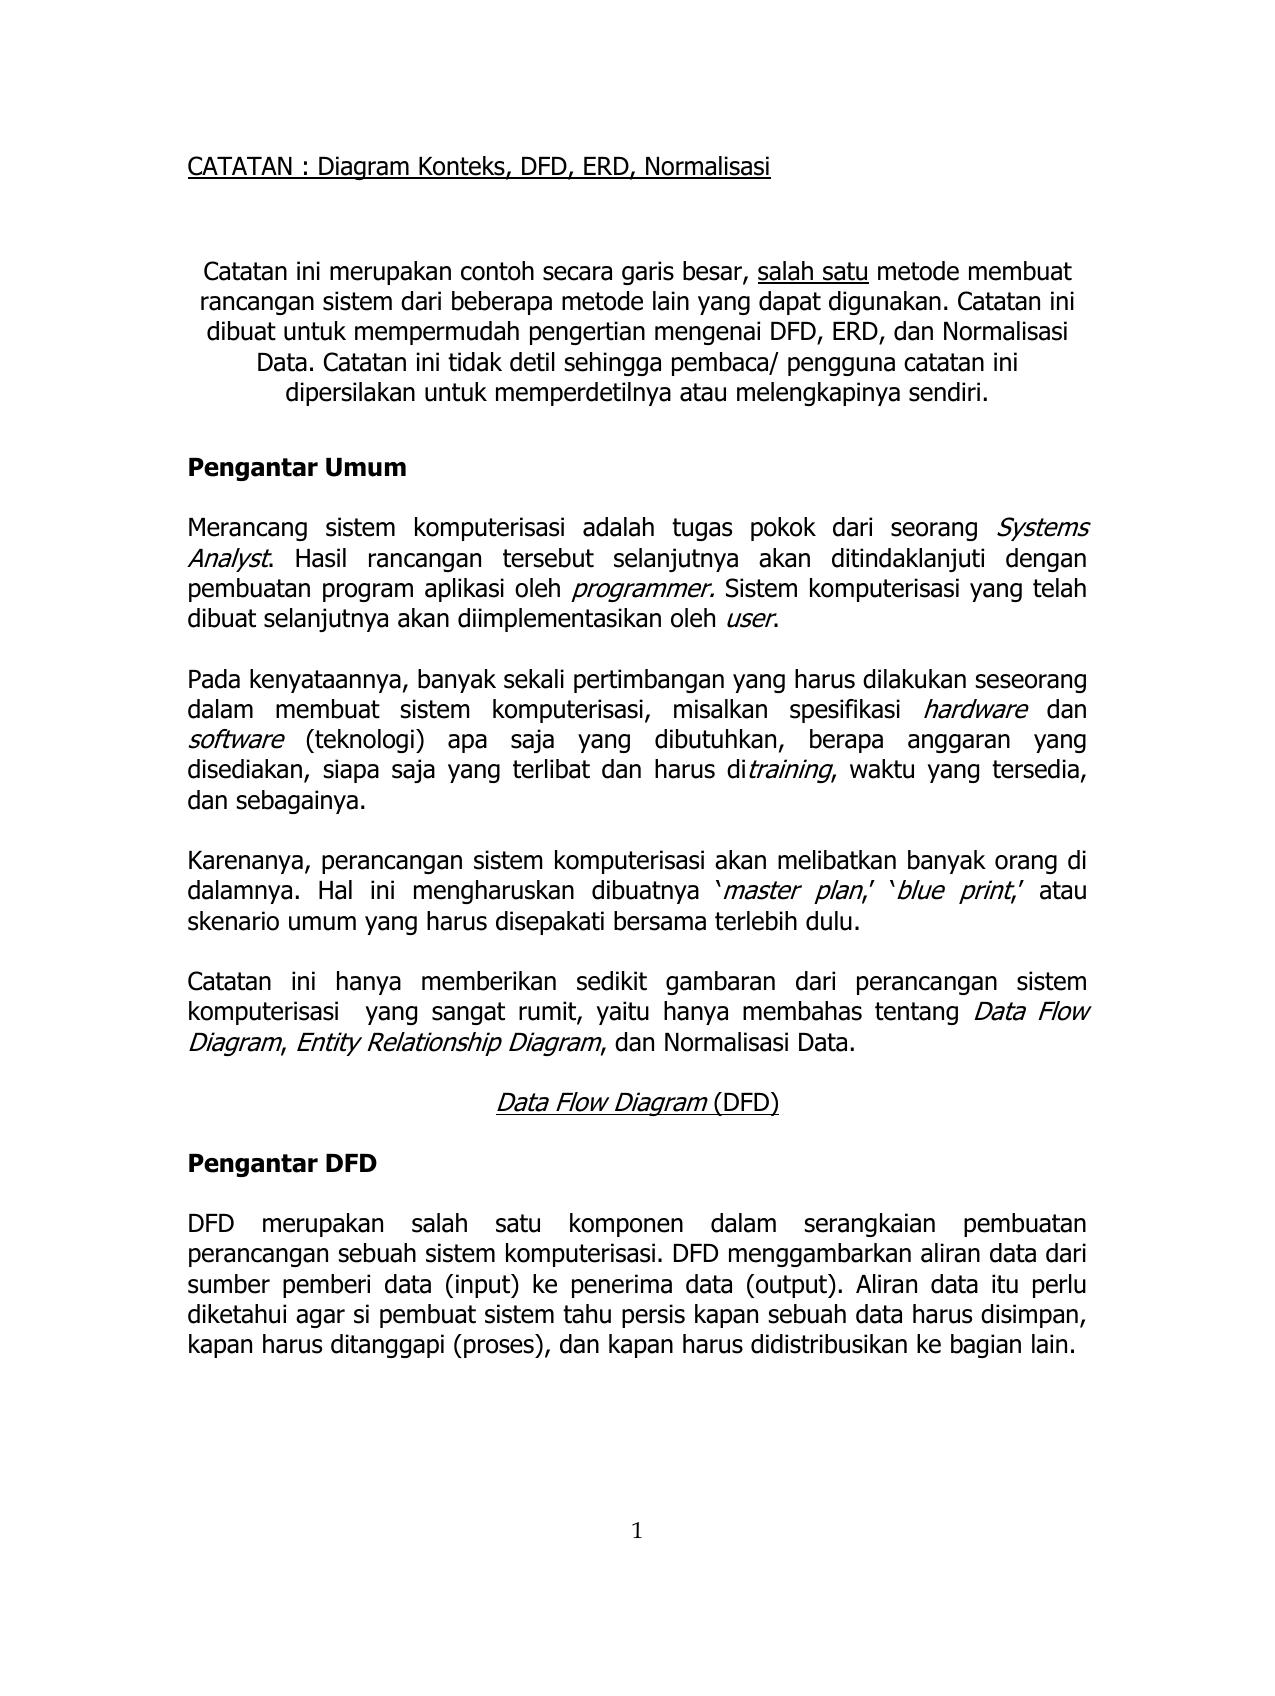 Catatan Diagram Konteks Dfd Erd Normalisasi